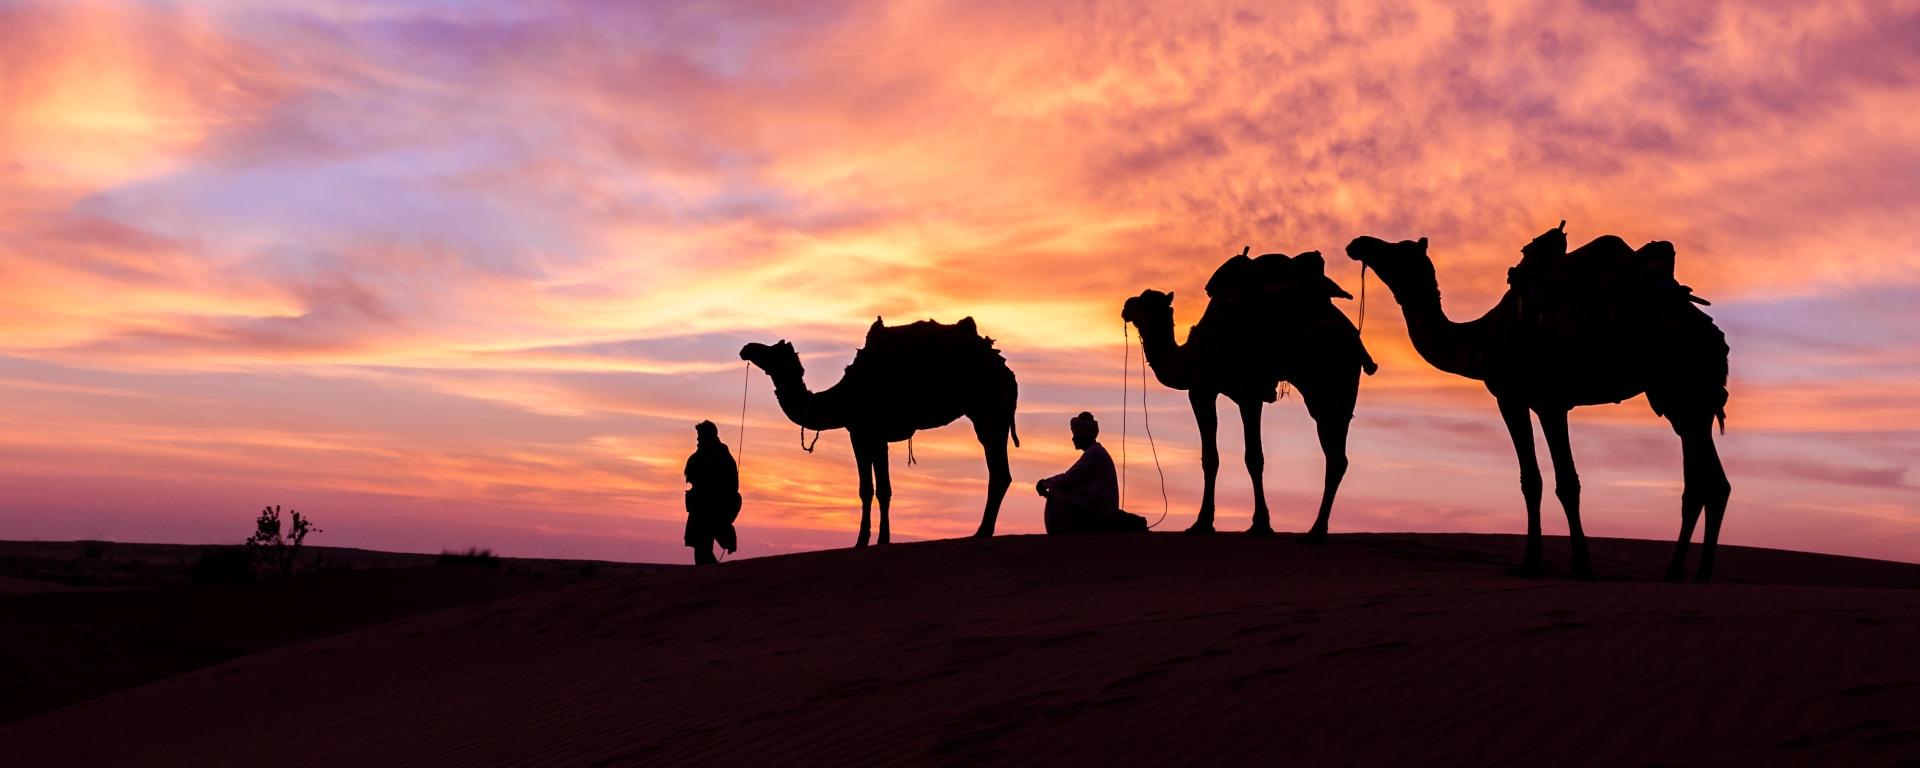 Oman entdecken mit Tischler Reisen: Oman Kamele im Sonnenuntergang